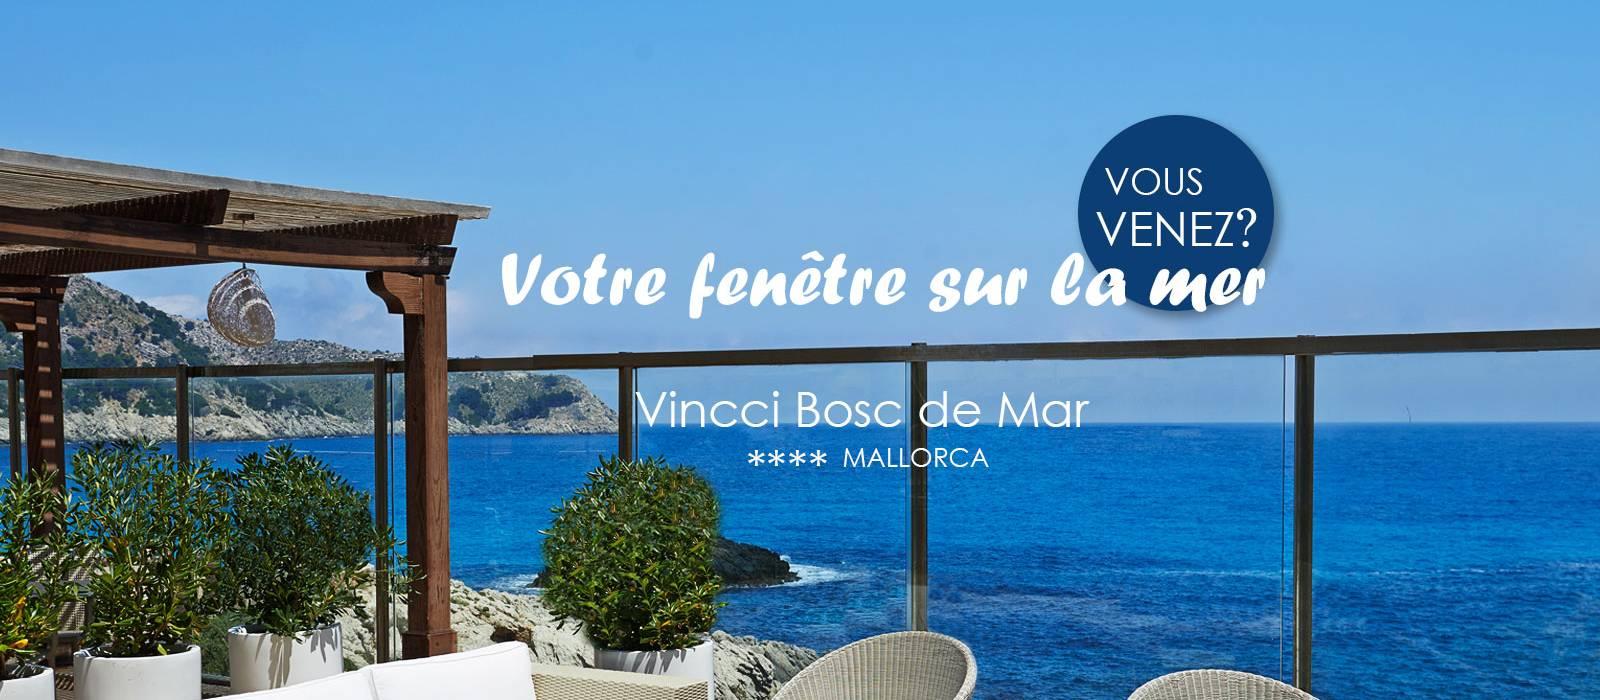 Vincci Bosc de Mar 4* - Mallorca